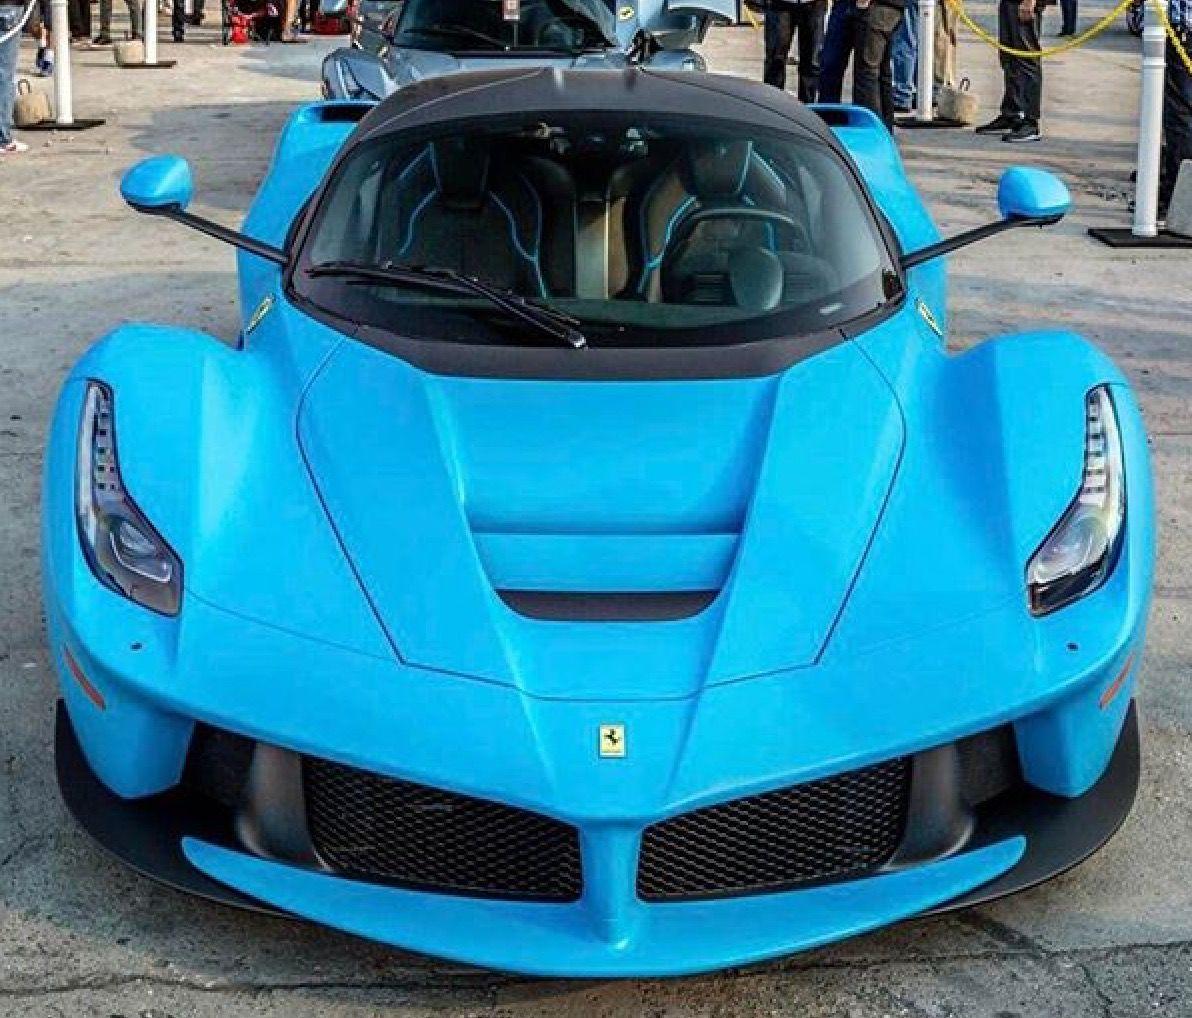 Ferrari LaFerrari light blue color Ferrari laferrari